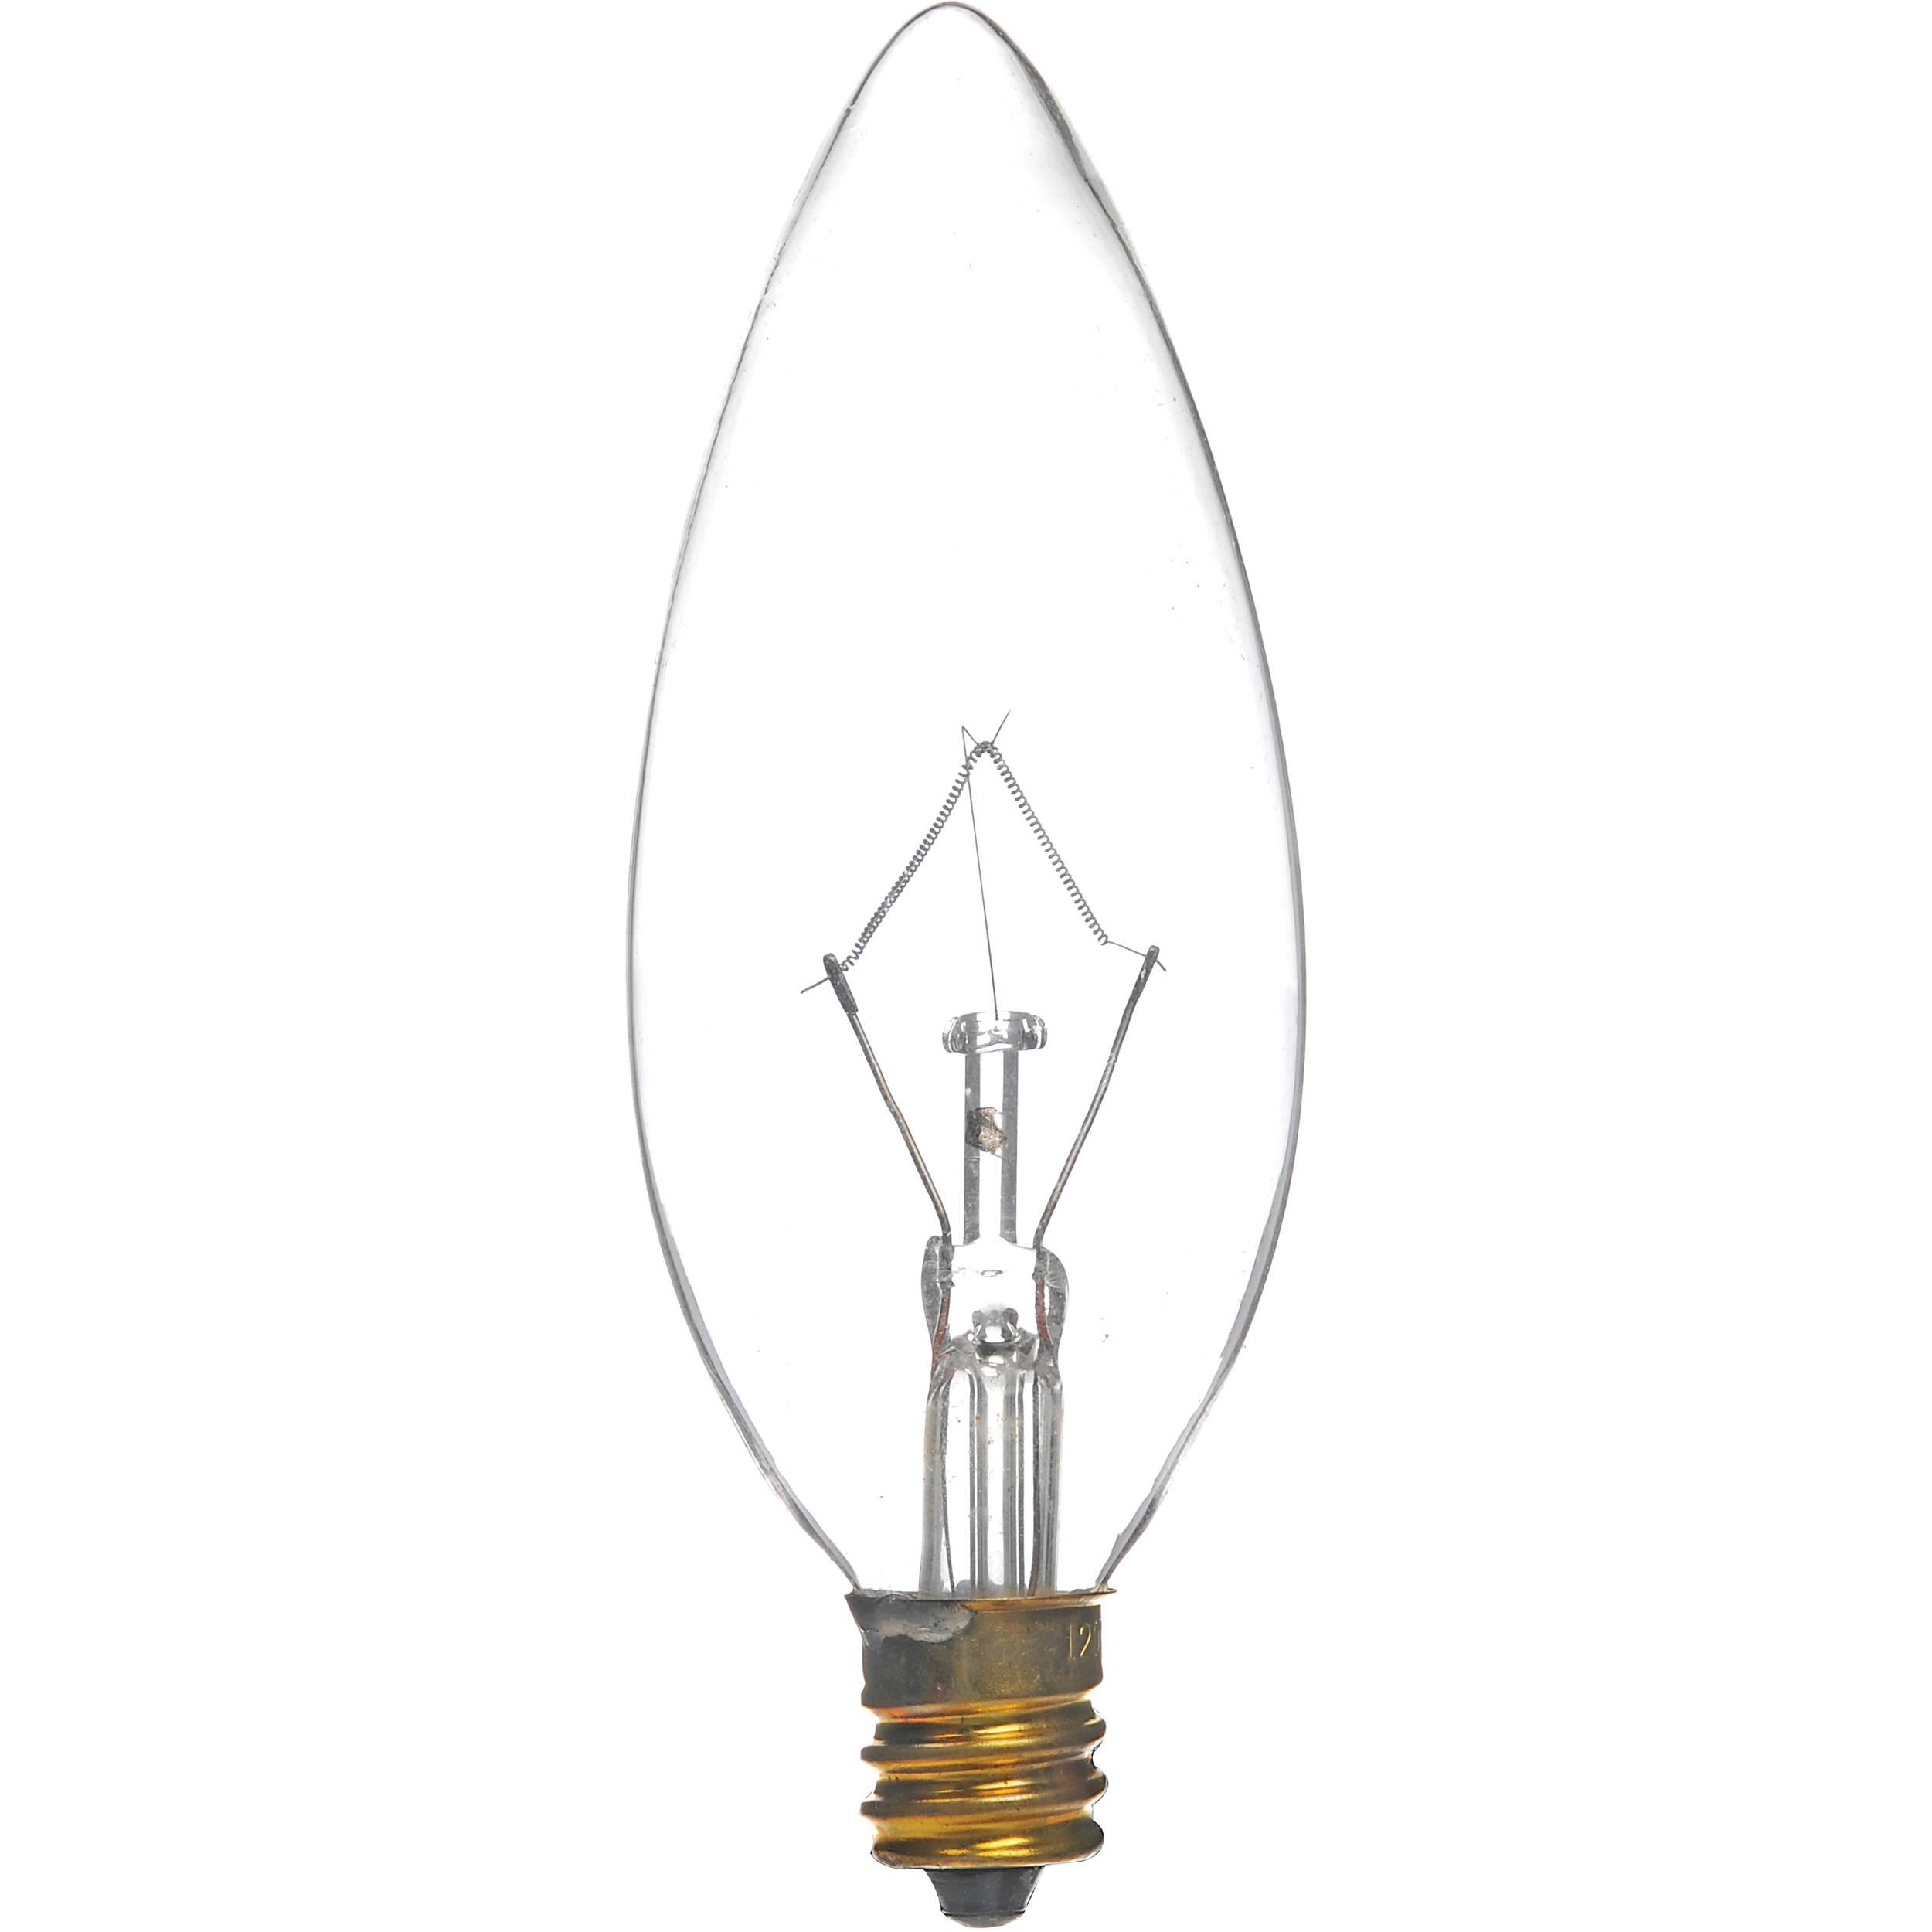 Sunlite 60w 120v Candelabra Lamp B Amp H Photo Video